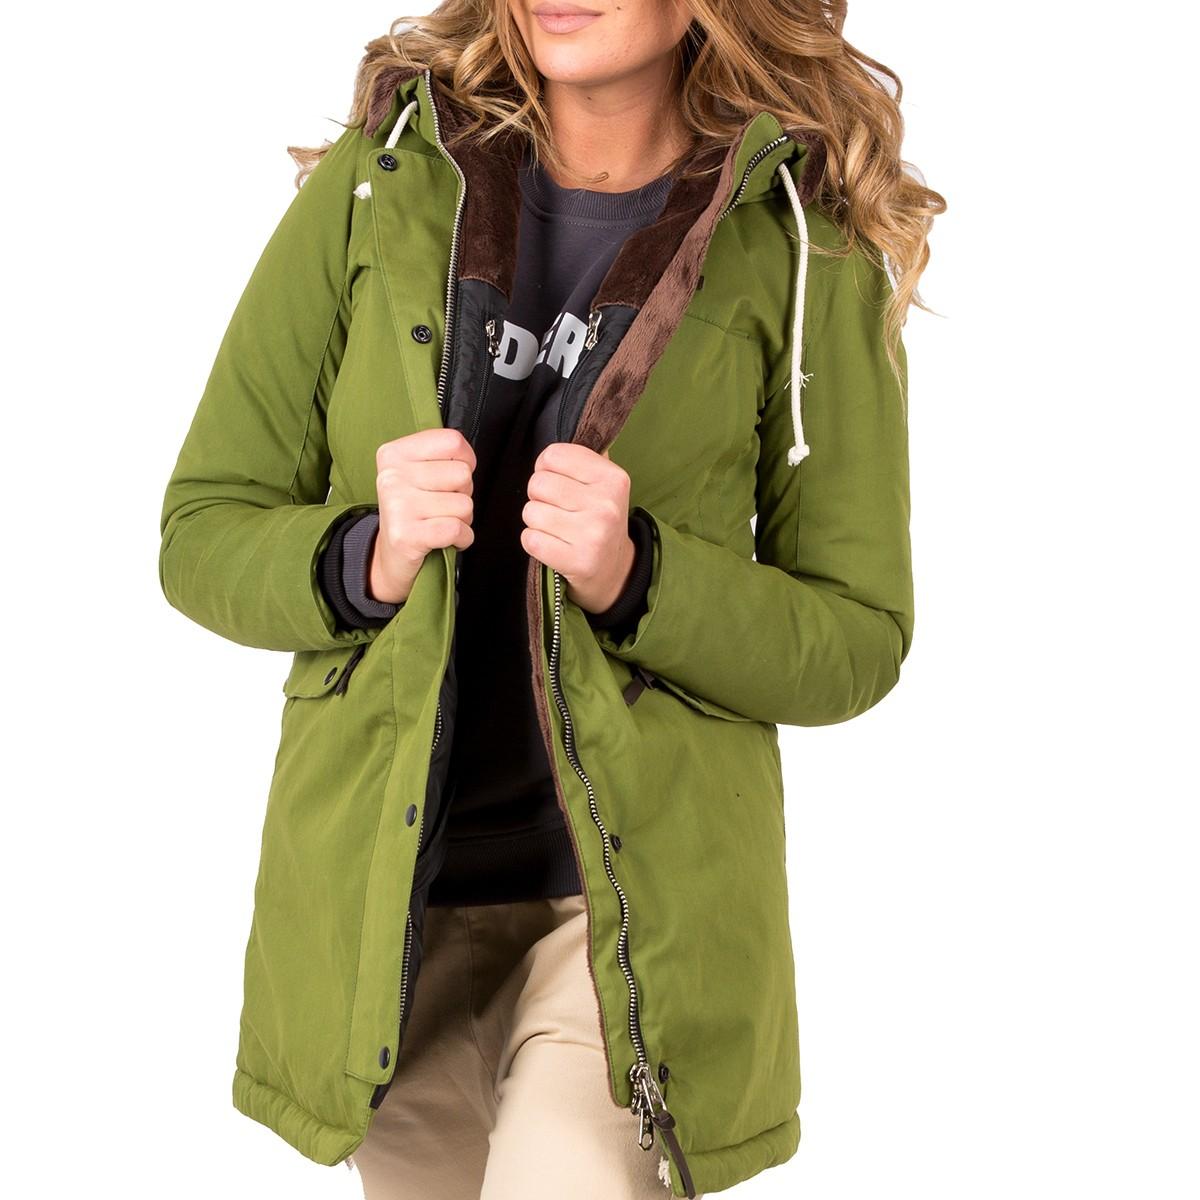 Куртка CODERED HEAT 2 FW16 купить в Москве, Санкт-Петербурге. Куртка CODERED  HEAT 2 FW16 цена, отзывы, скидки в магазине Траектория 1d5ecba8f9b